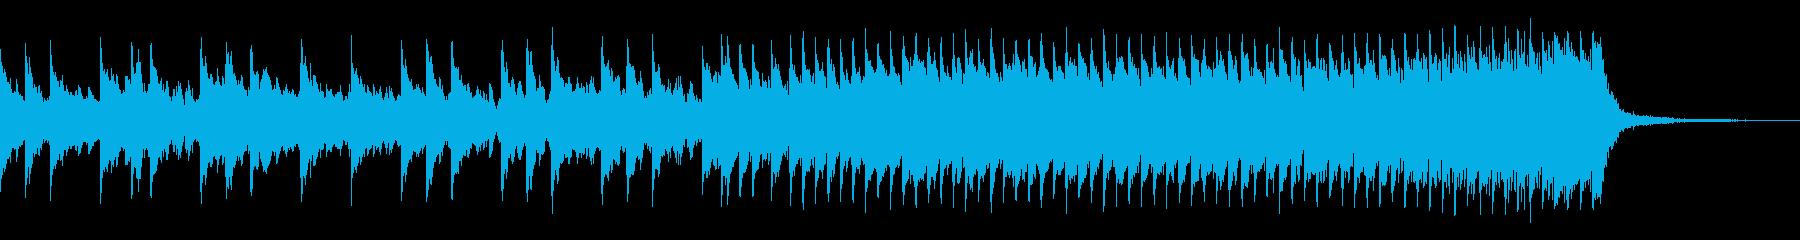 時制ニュースベッドの再生済みの波形